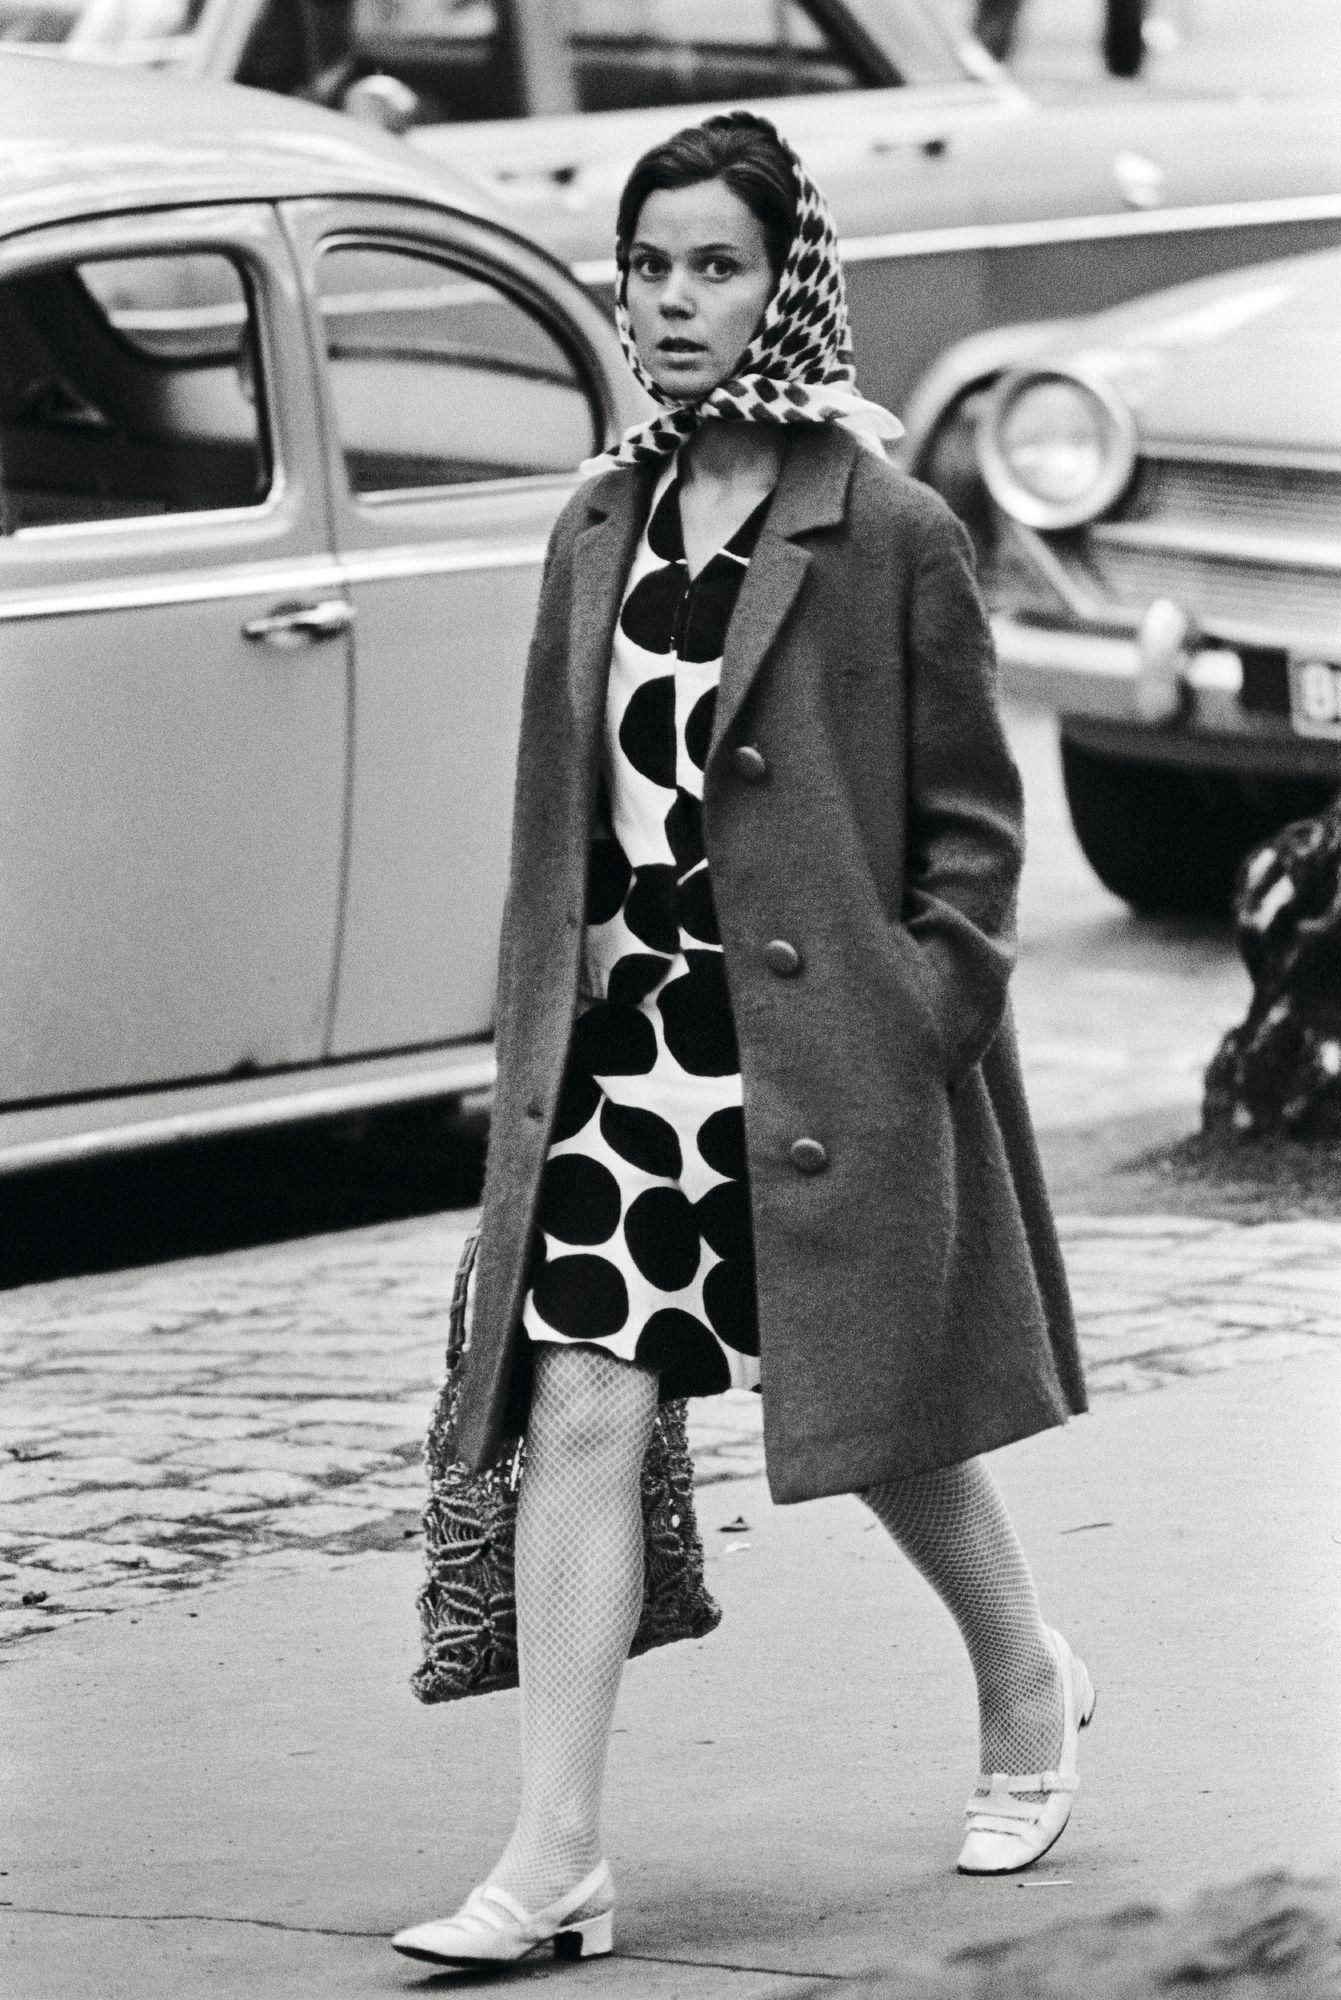 Rennosti hiusten suojaksi kietaistu huivi kuului vuosikymmenten ajan Marimekko-tyyliin – ikään kuin vastapainoksi Pariisin muotitalojen mielikuvituksisille hatuille. © Lehtikuva